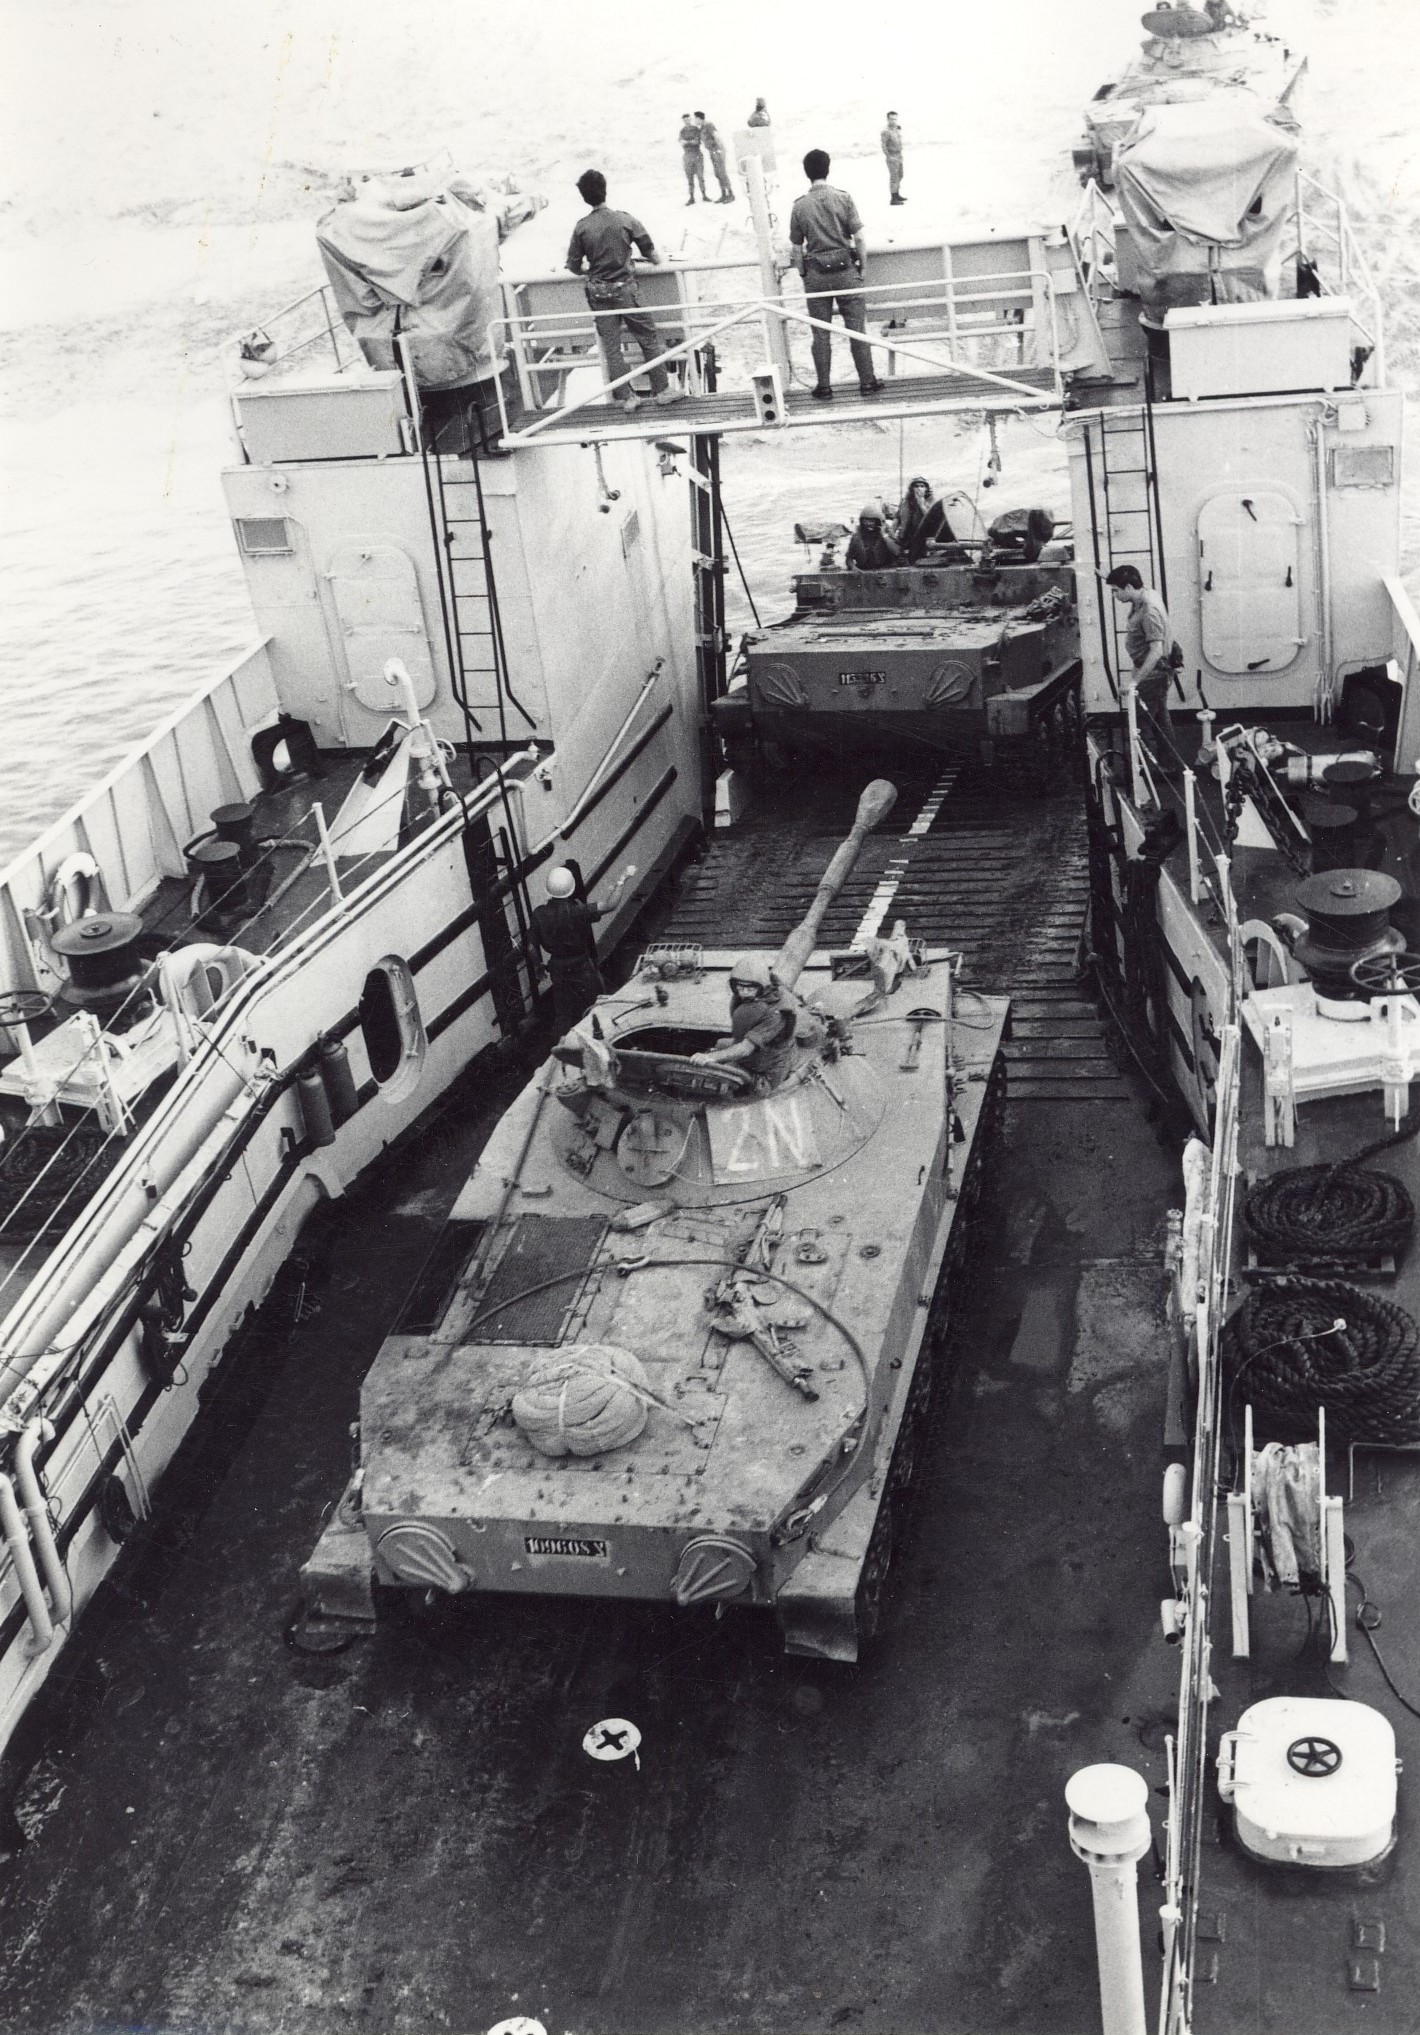 טנקים מסוג PT76 לפני ירידה מנחתת חיל הים